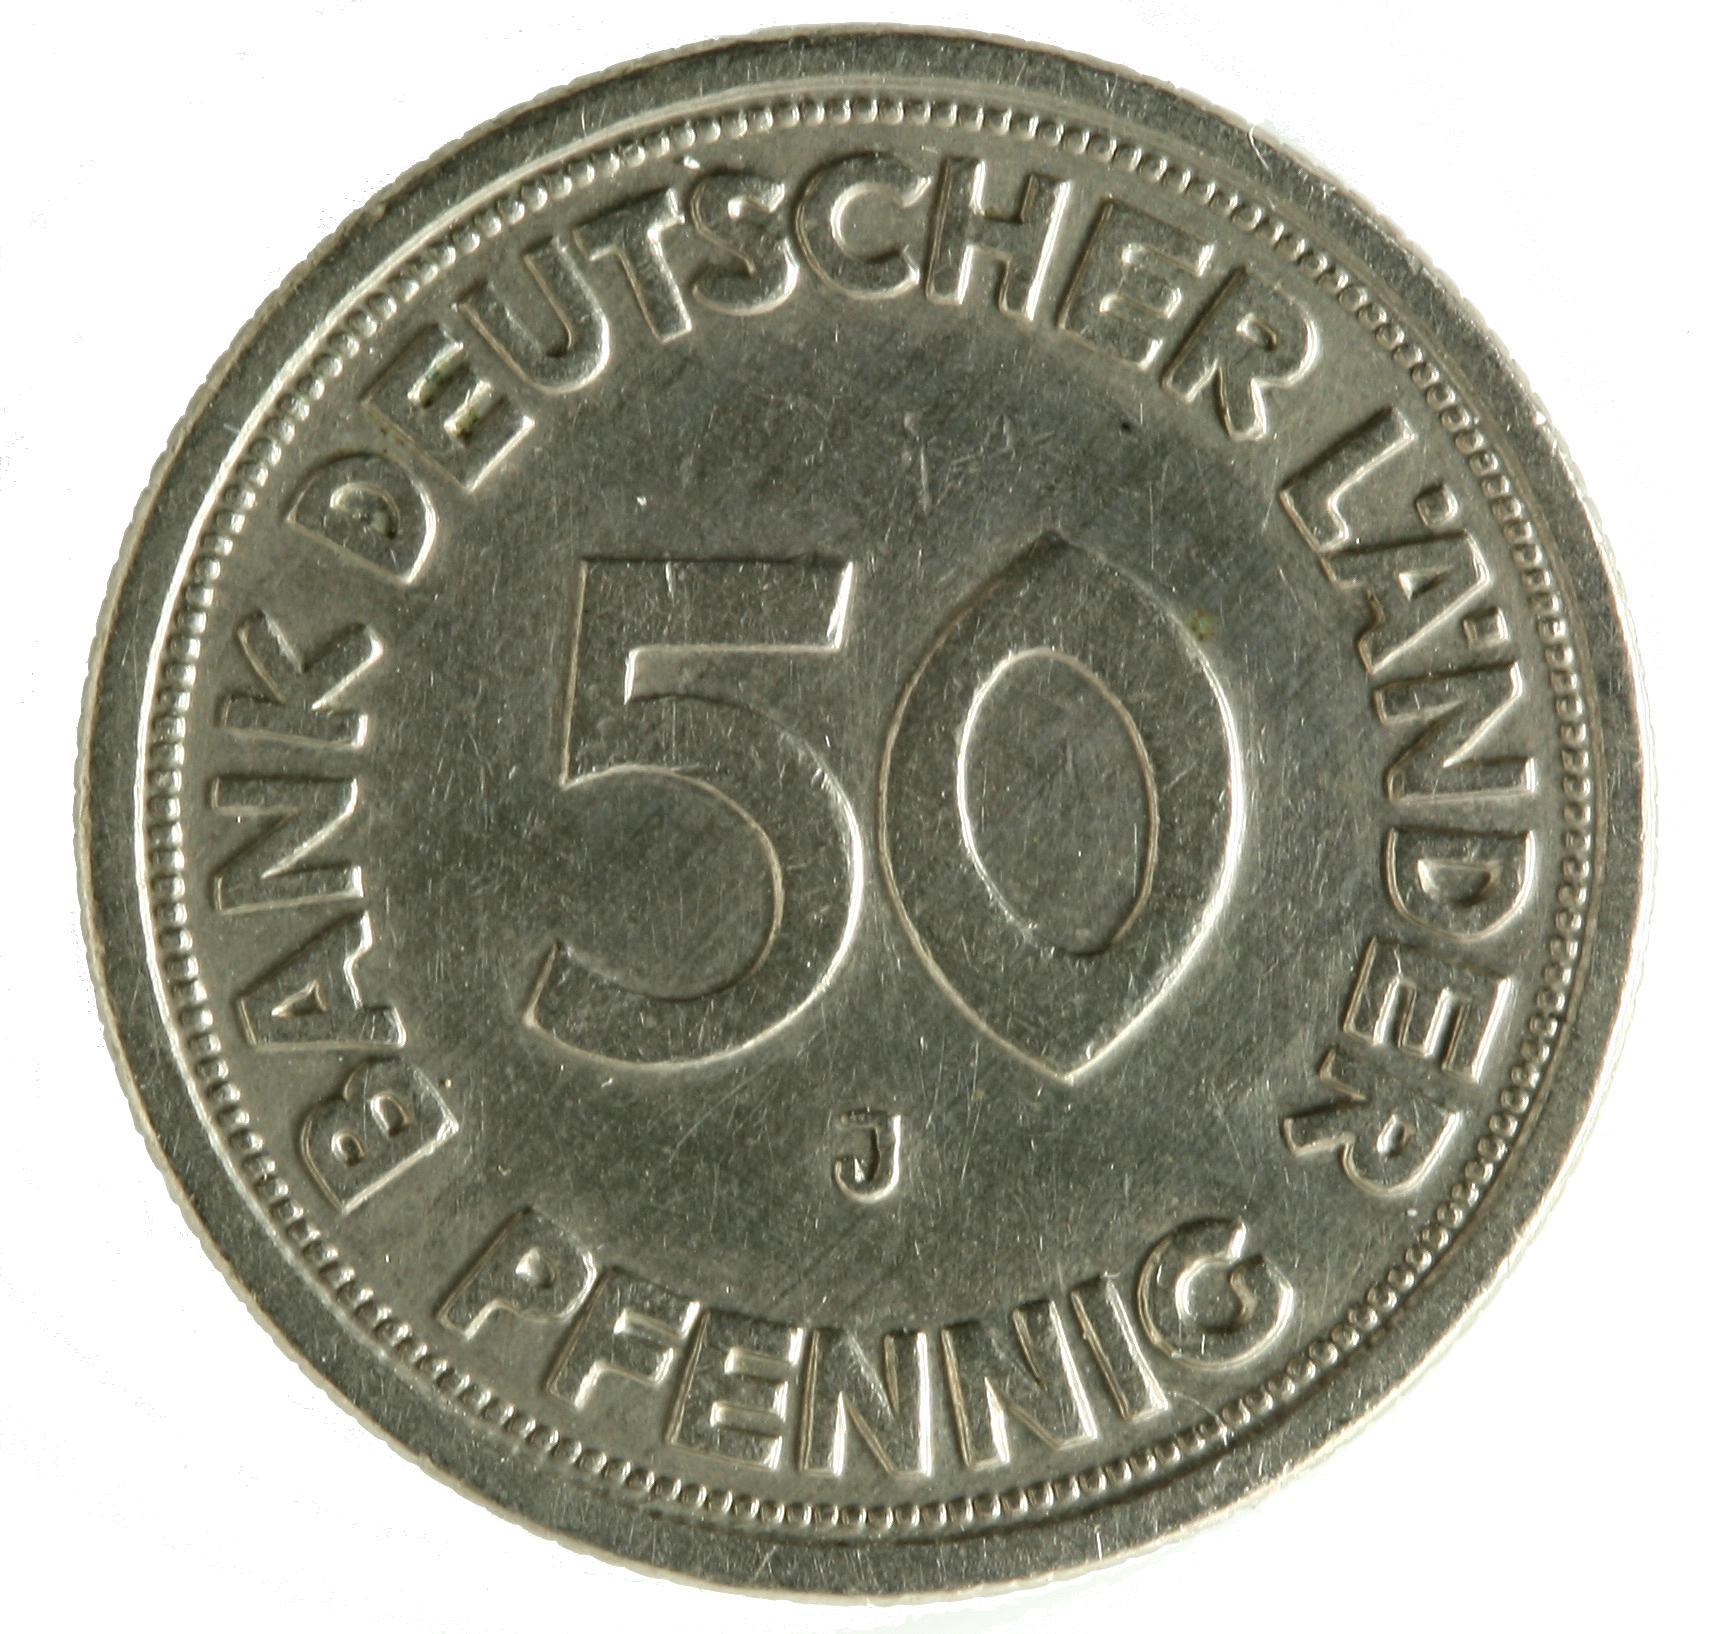 Münzen Bank Deutscher Länder 19481949 Deutsche Bundesbank